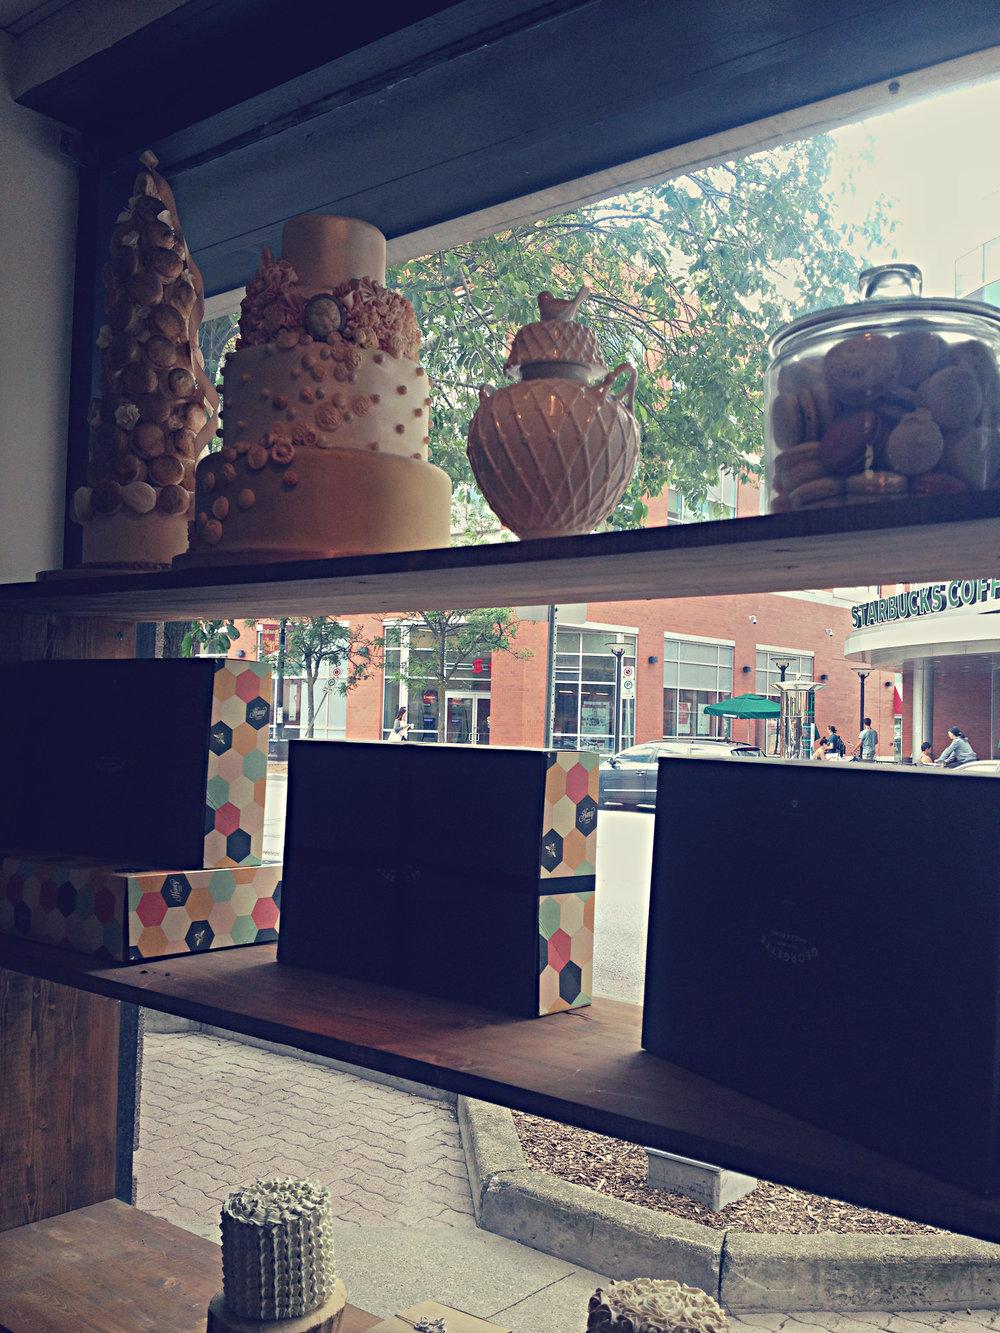 Honey Bake Shop Front Window | Tall Girl Meets World